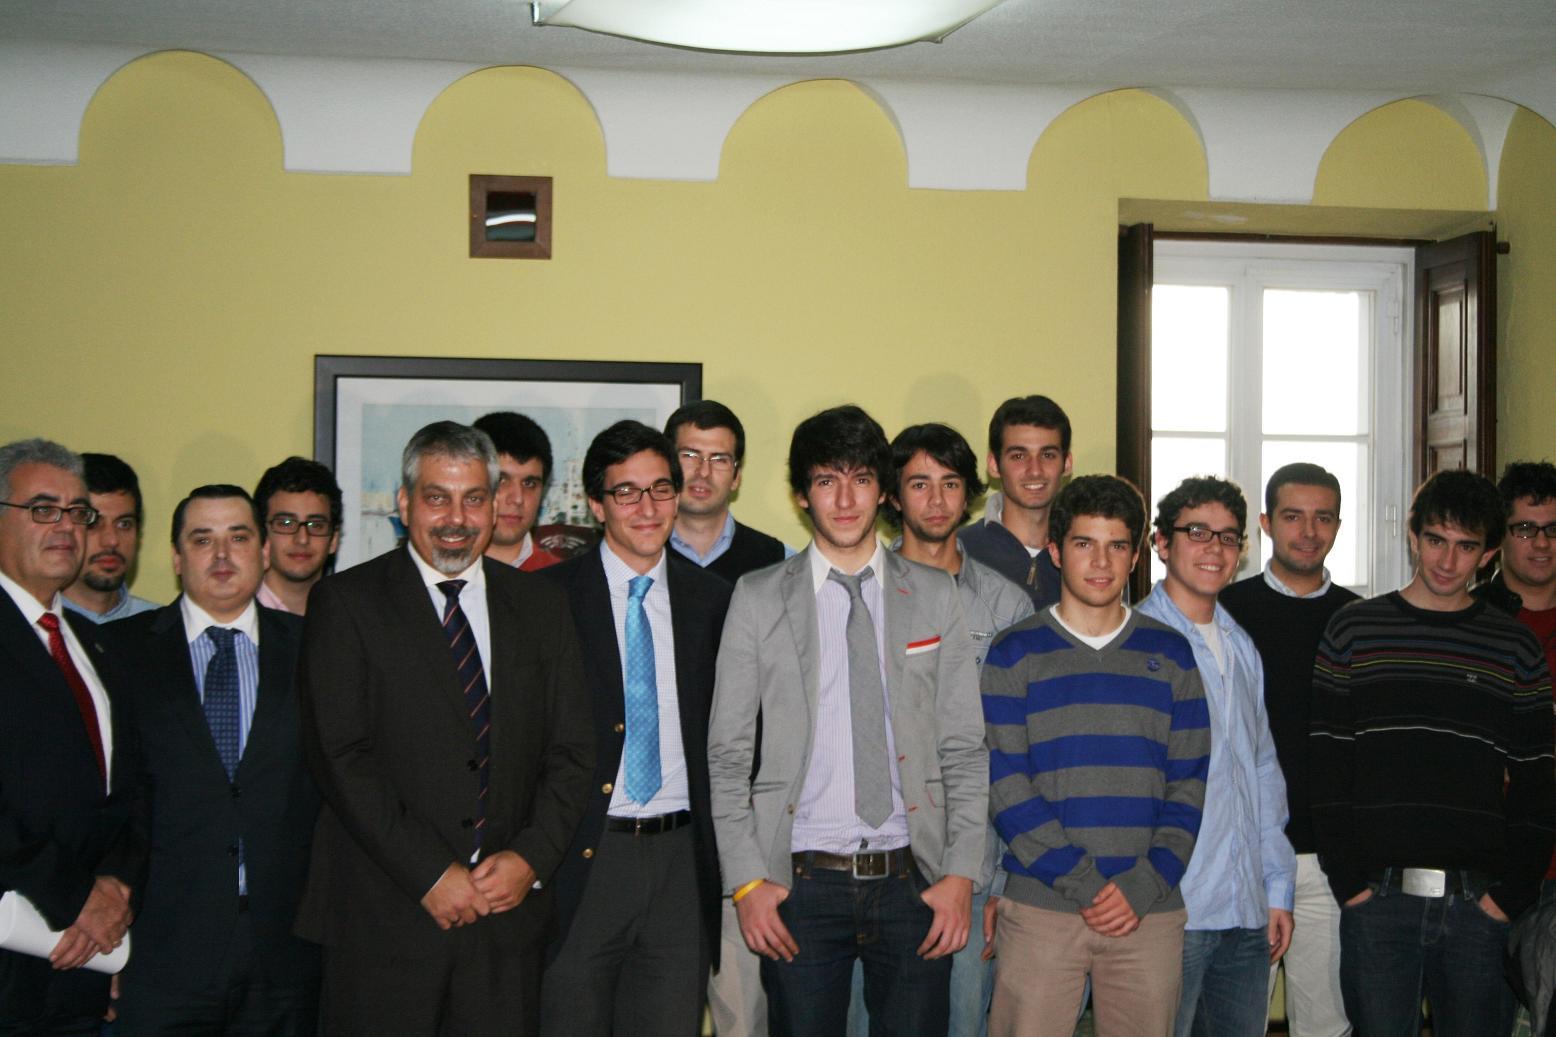 El diplomático de Israel Lior Haiat visita el Colegio Mayor para hablar de las relaciones entre España e Israel